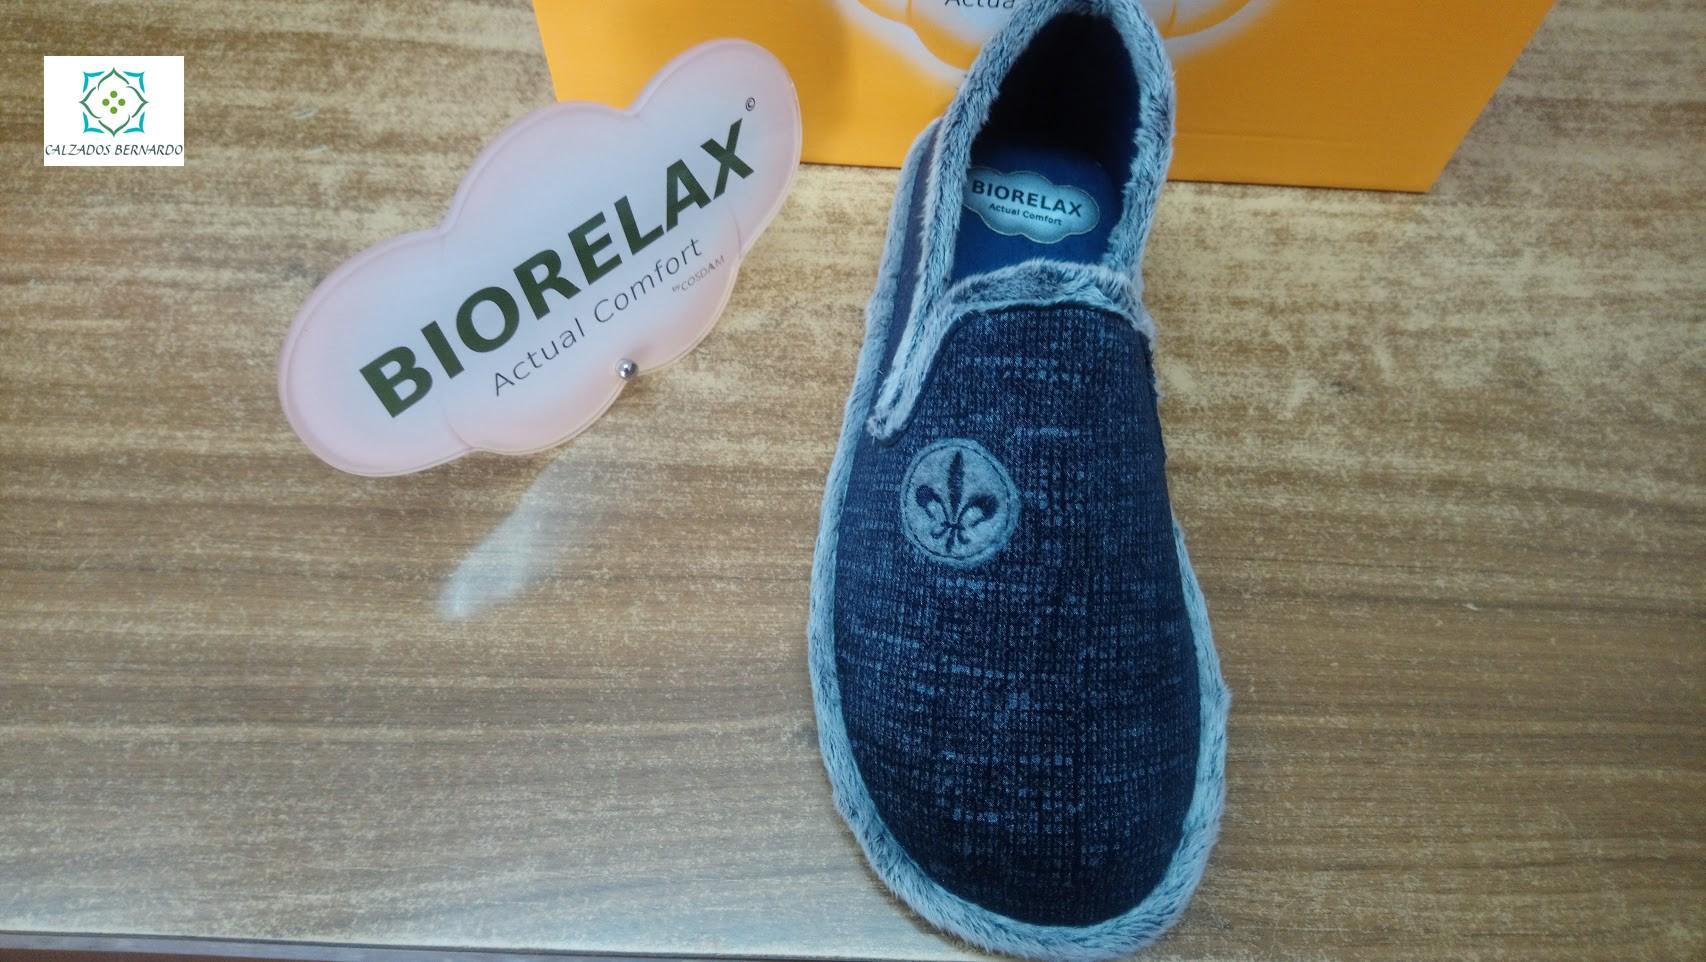 biorelax falcon marino